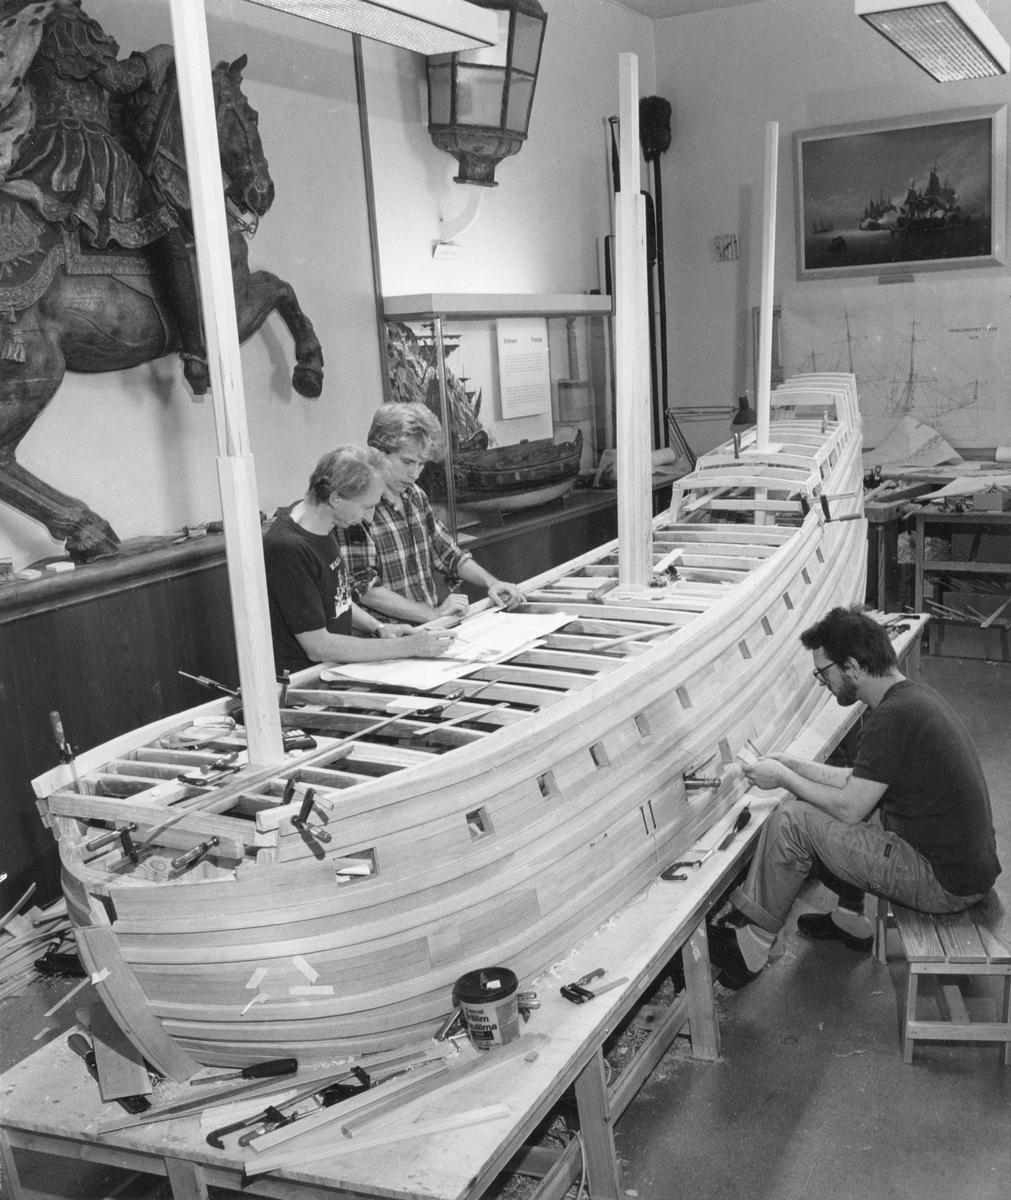 Modellbyggarna Göran Forss, Stefan Bruhn och Lars Eriksson i arbete med modellen av Vasa i skala 1:10.